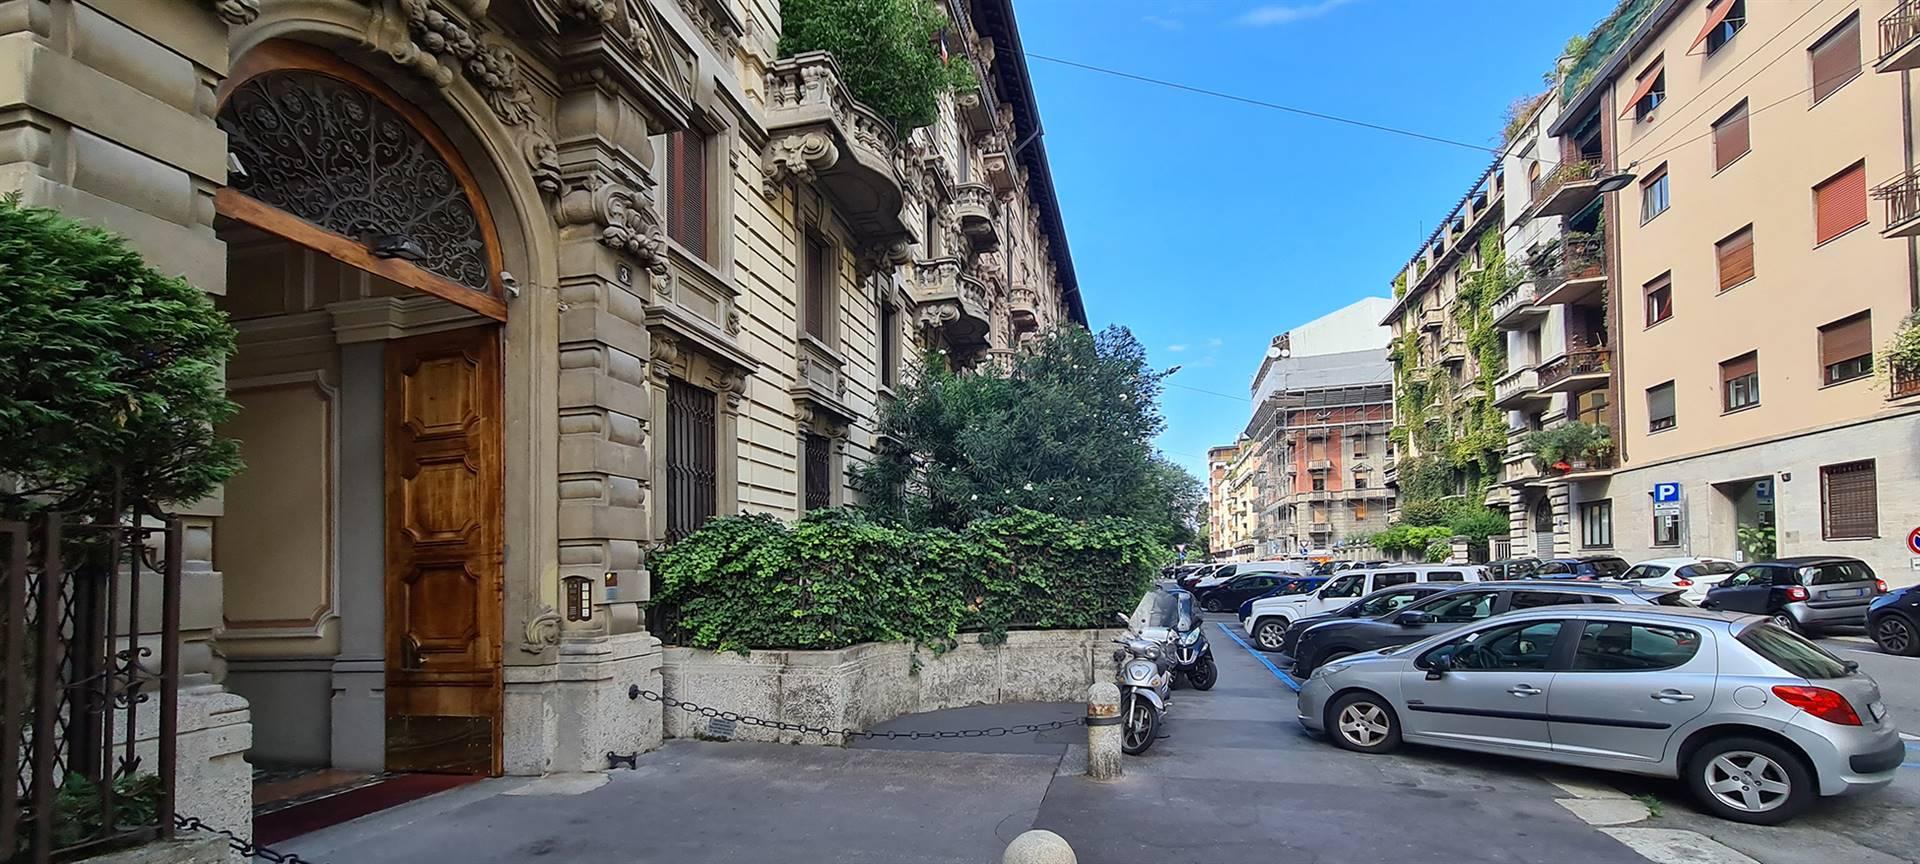 ARGONNE, MILANO, Appartamento in affitto, Ristrutturato, Riscaldamento Centralizzato, Classe energetica: G, Epi: 196,2 kwh/m2 anno, posto al piano